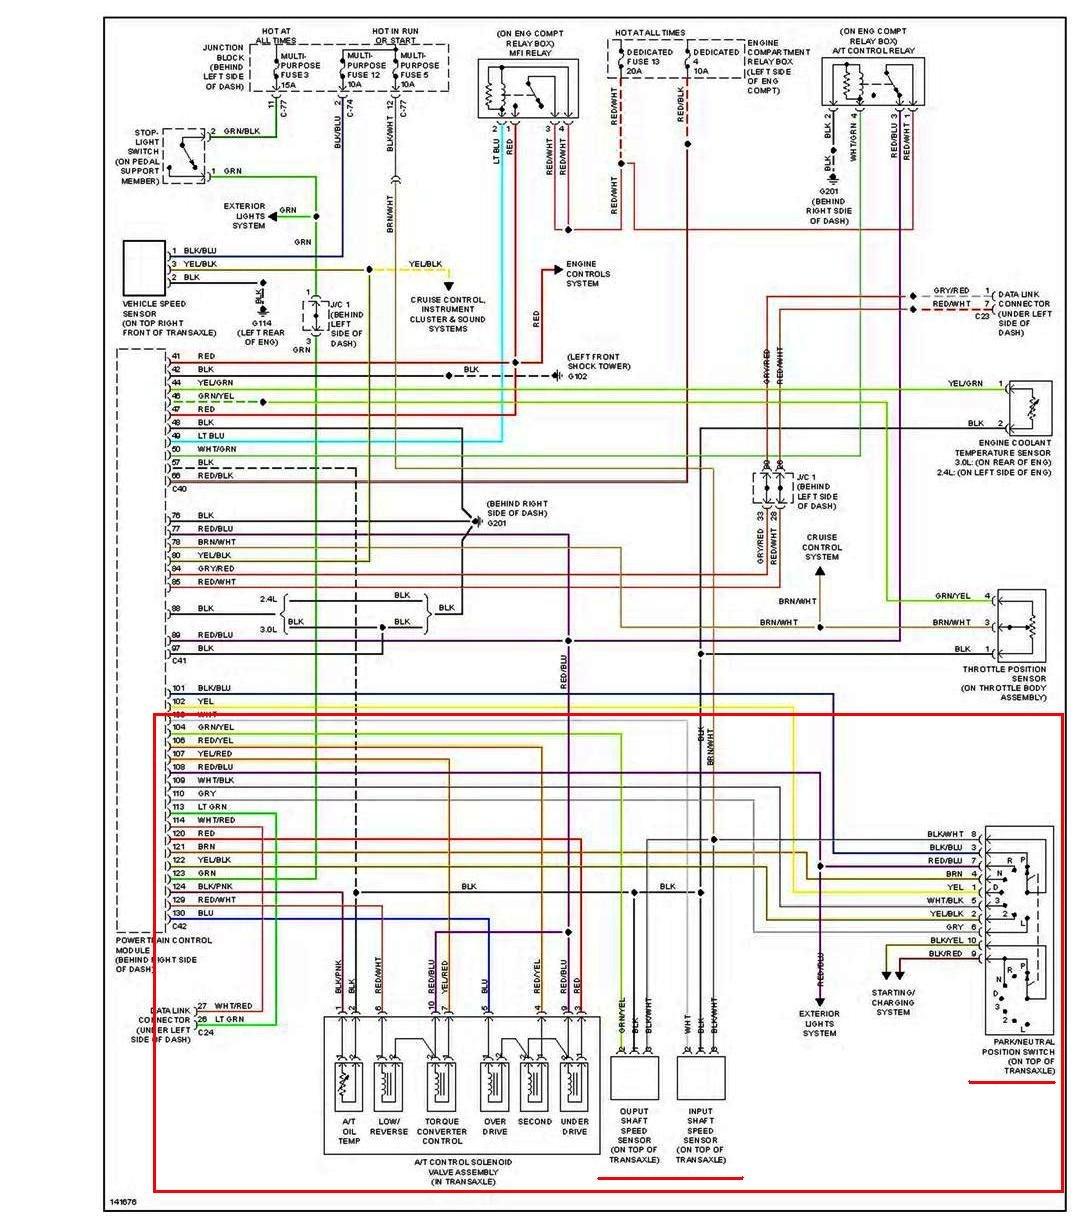 Mitsubishi Wiring Diagrams - Wiring Diagrams Source  schermacalatroni.it